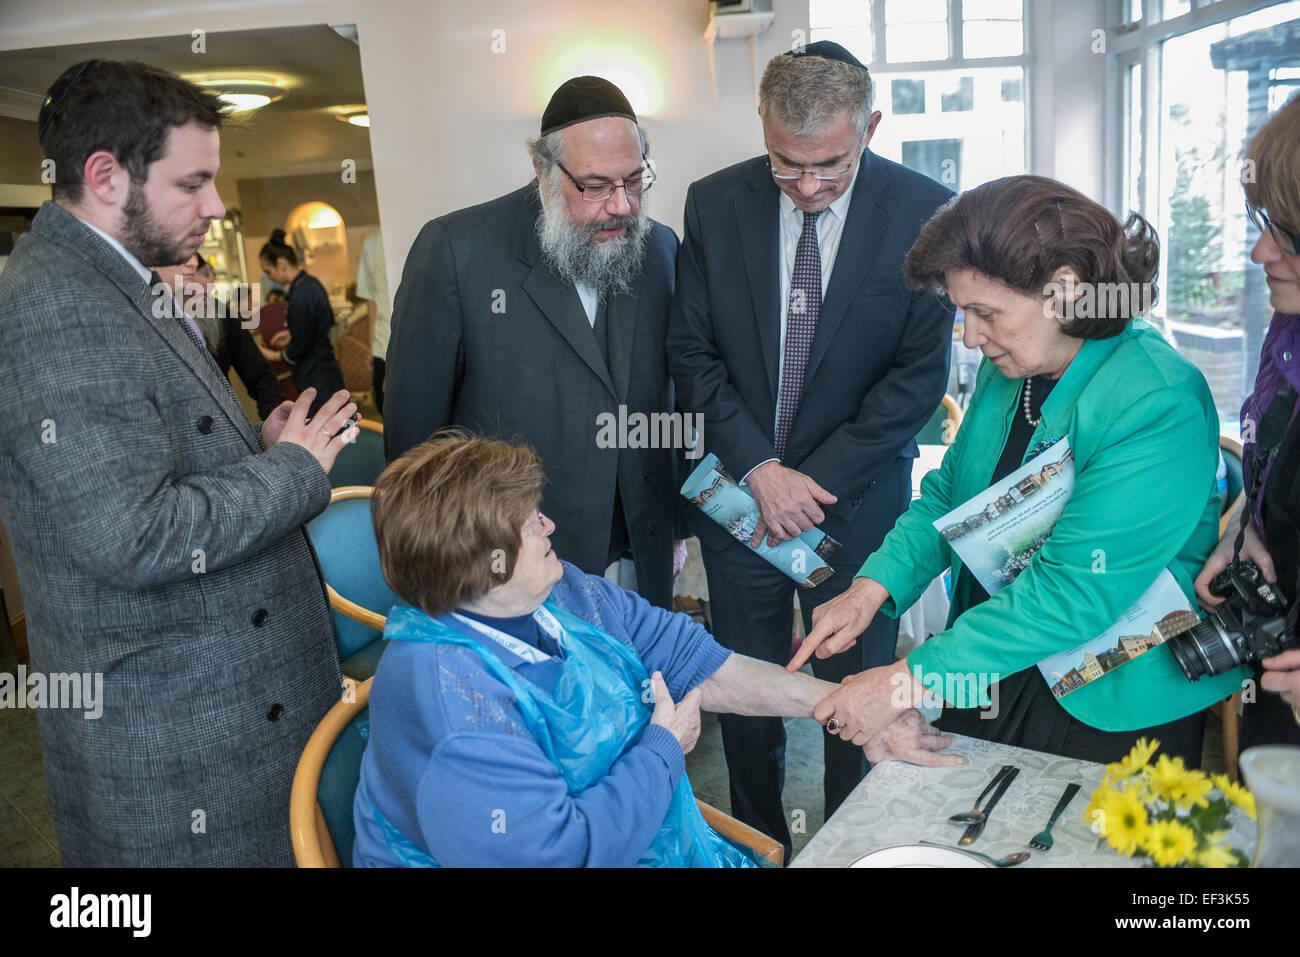 Juifs rencontres agences Royaume-Uni datant clous carrés